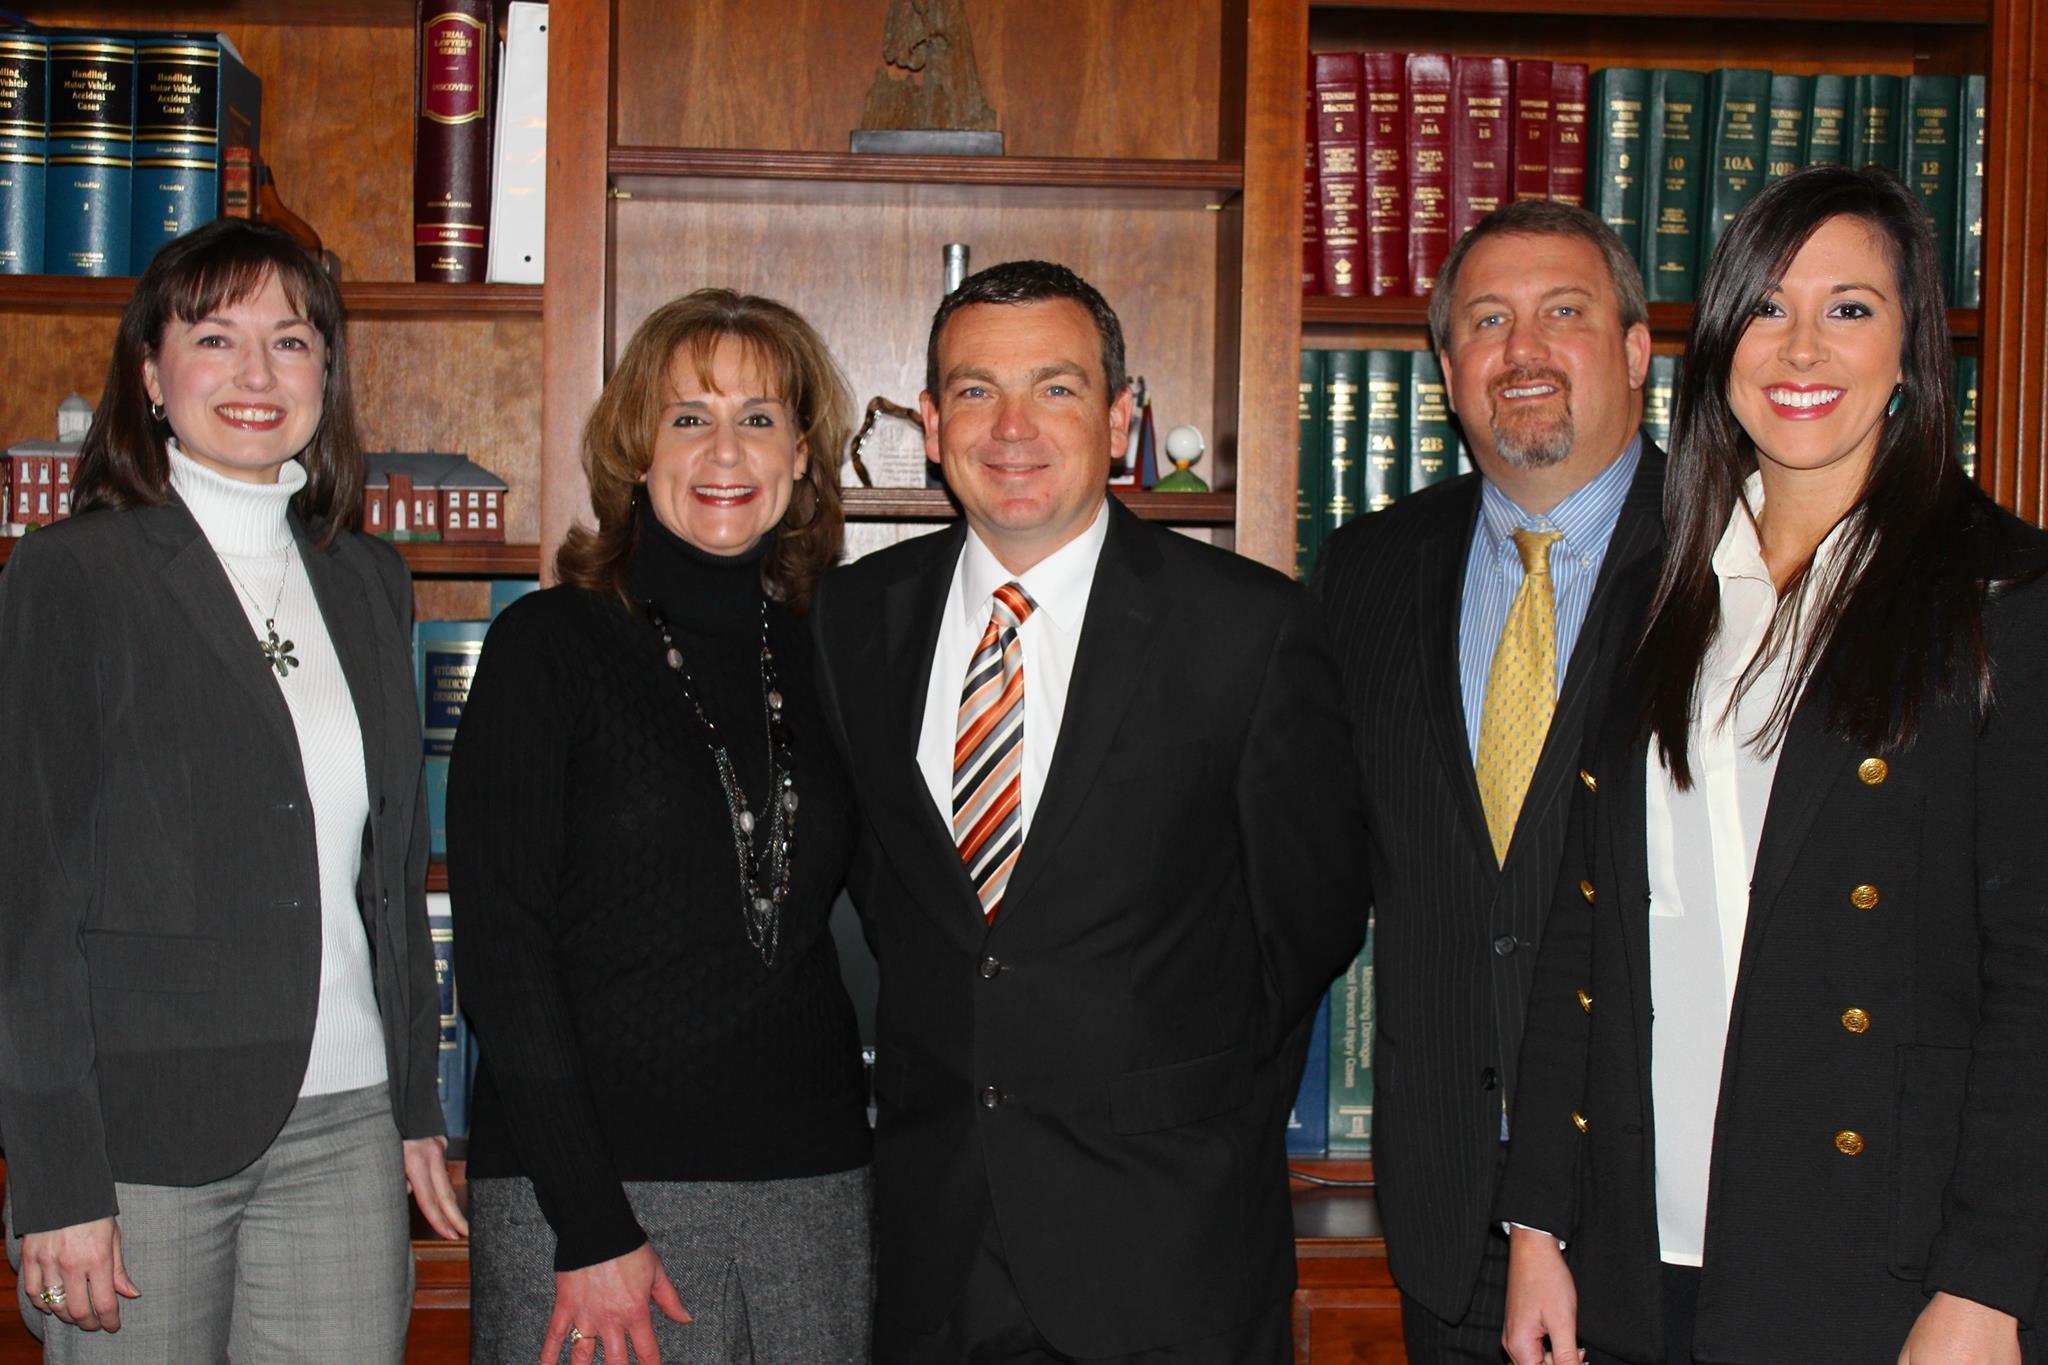 Brogdon & Creasy, Attorneys at Law